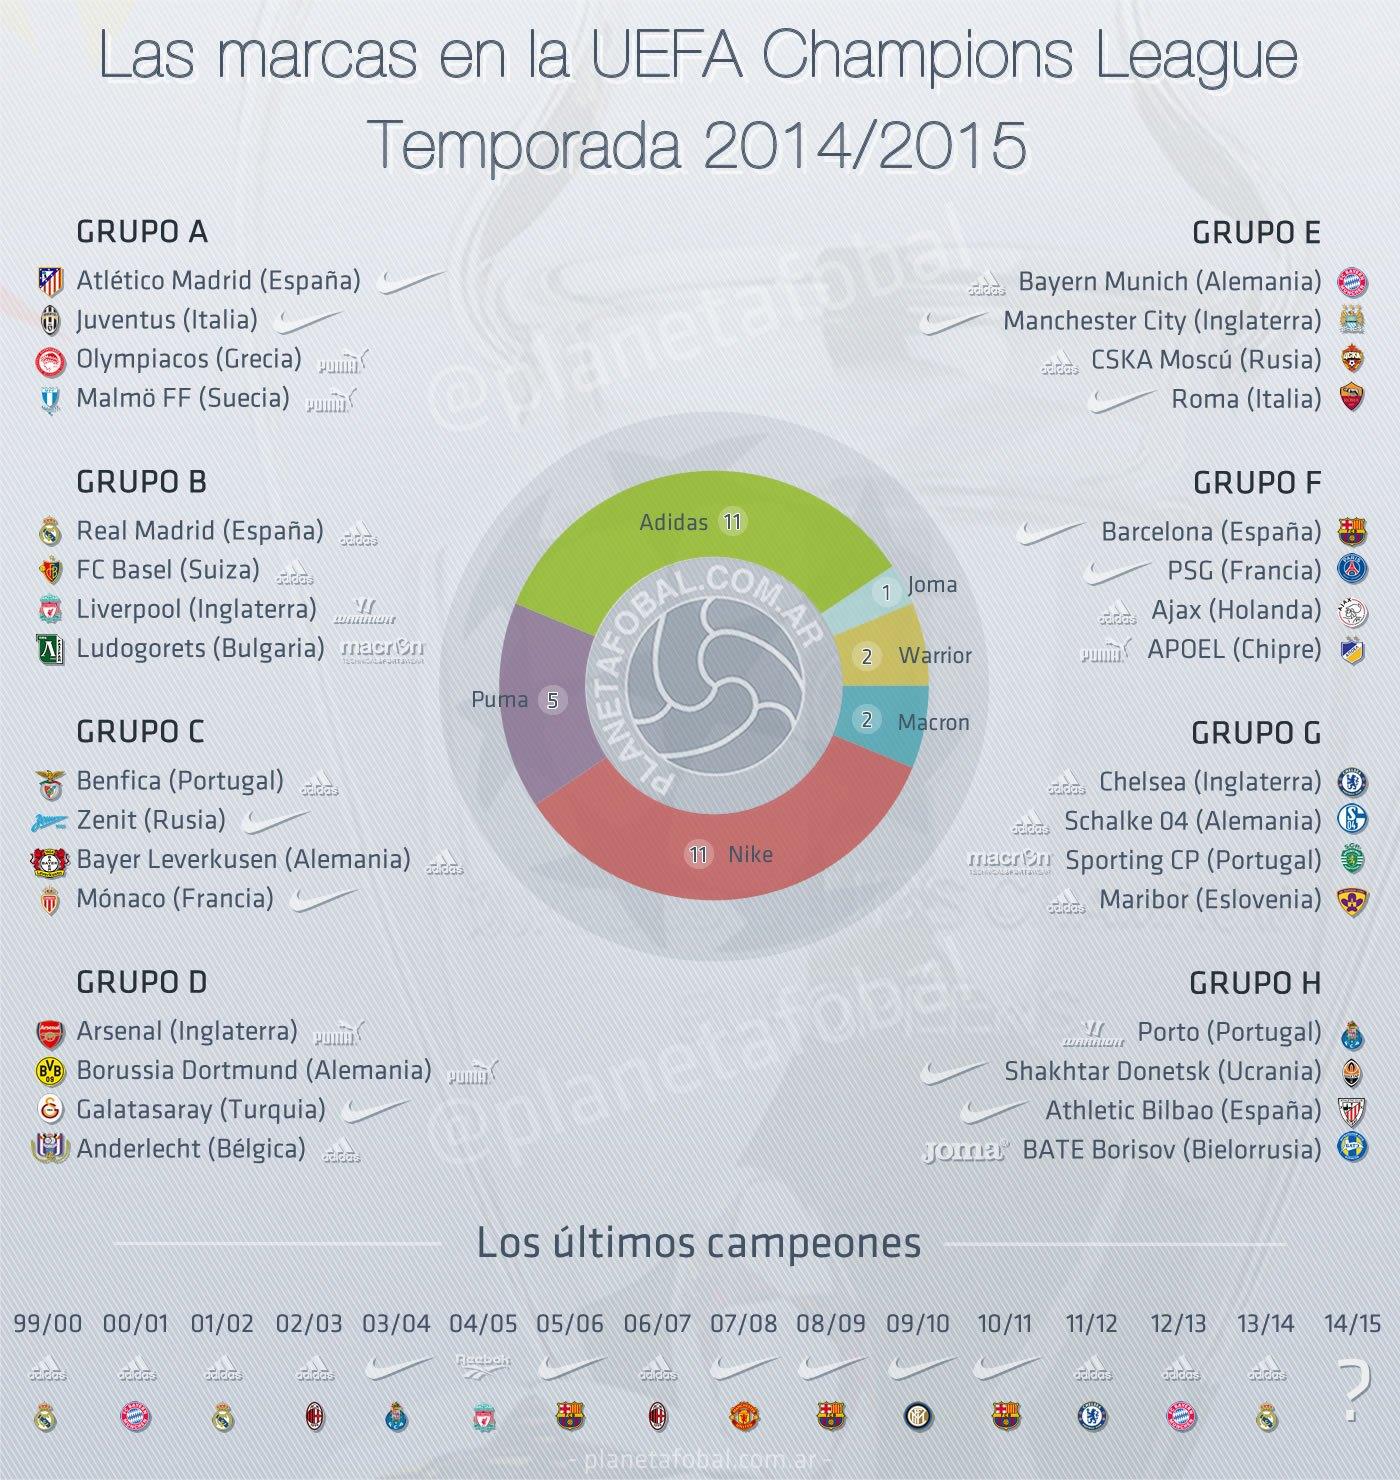 Las marcas en la UEFA Champions League 2014/2015